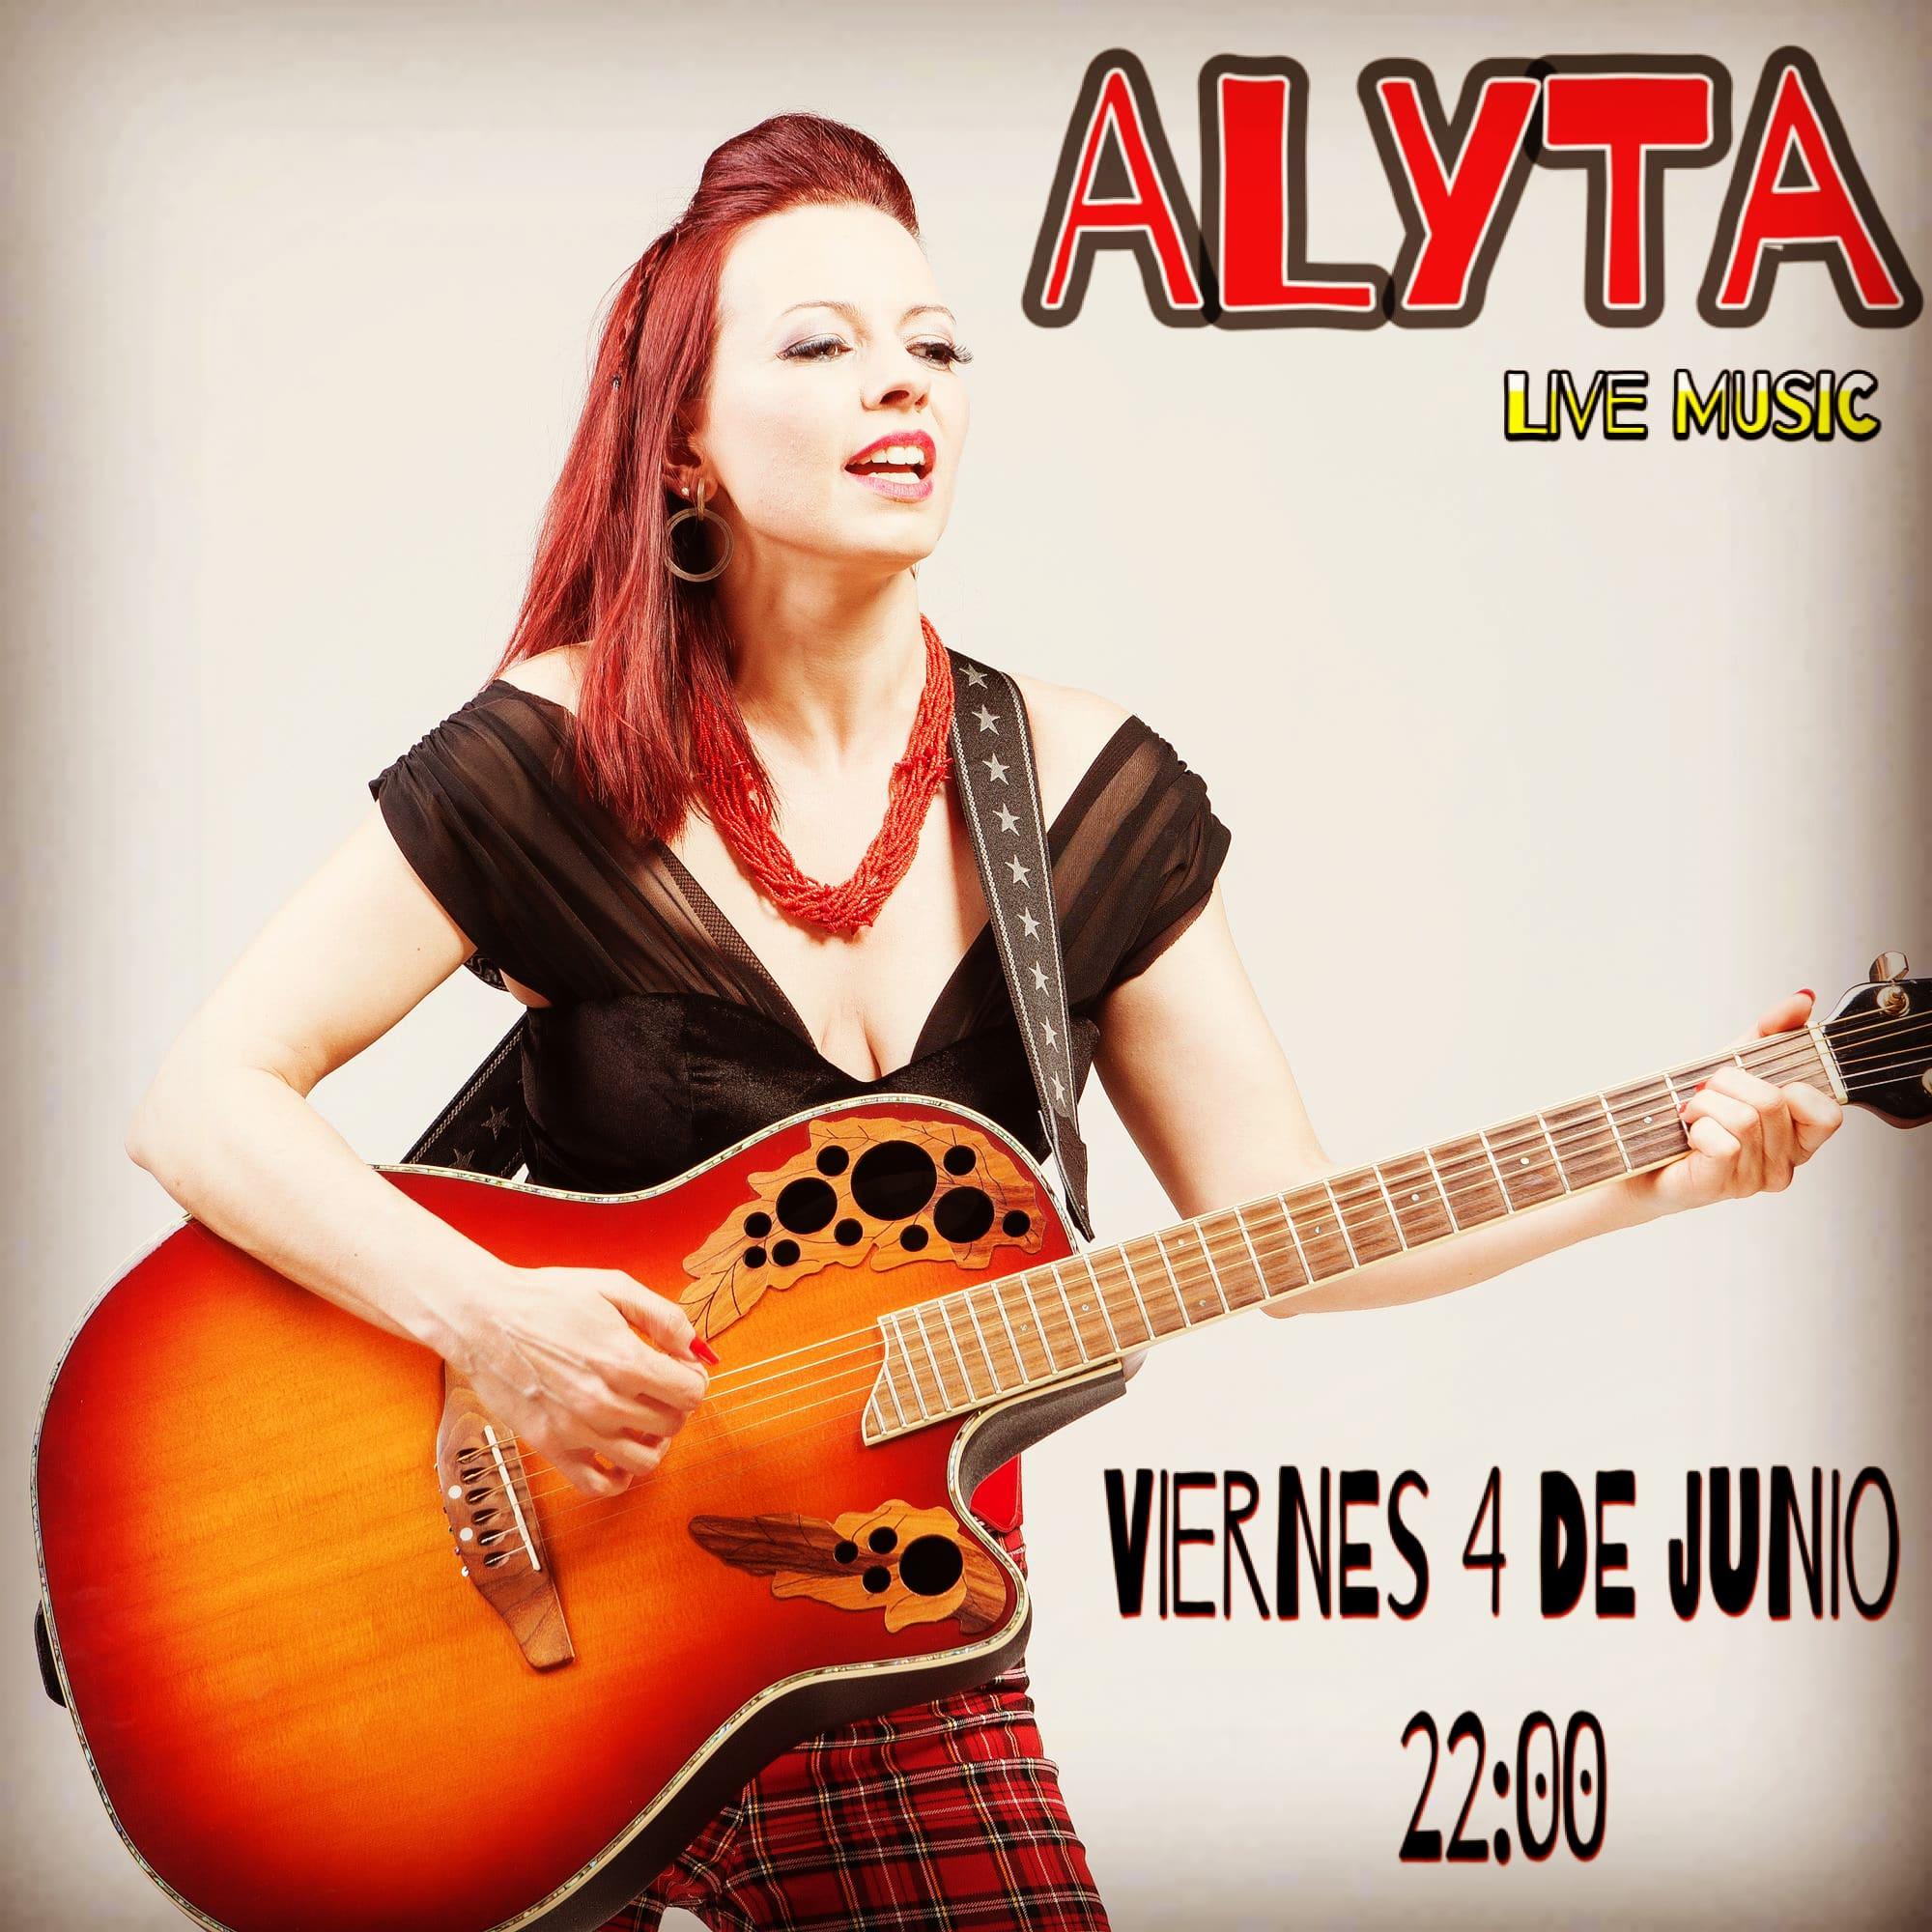 Cartel concierto Alyta en REstaurante Garage 1950s en El prat de Llobregat